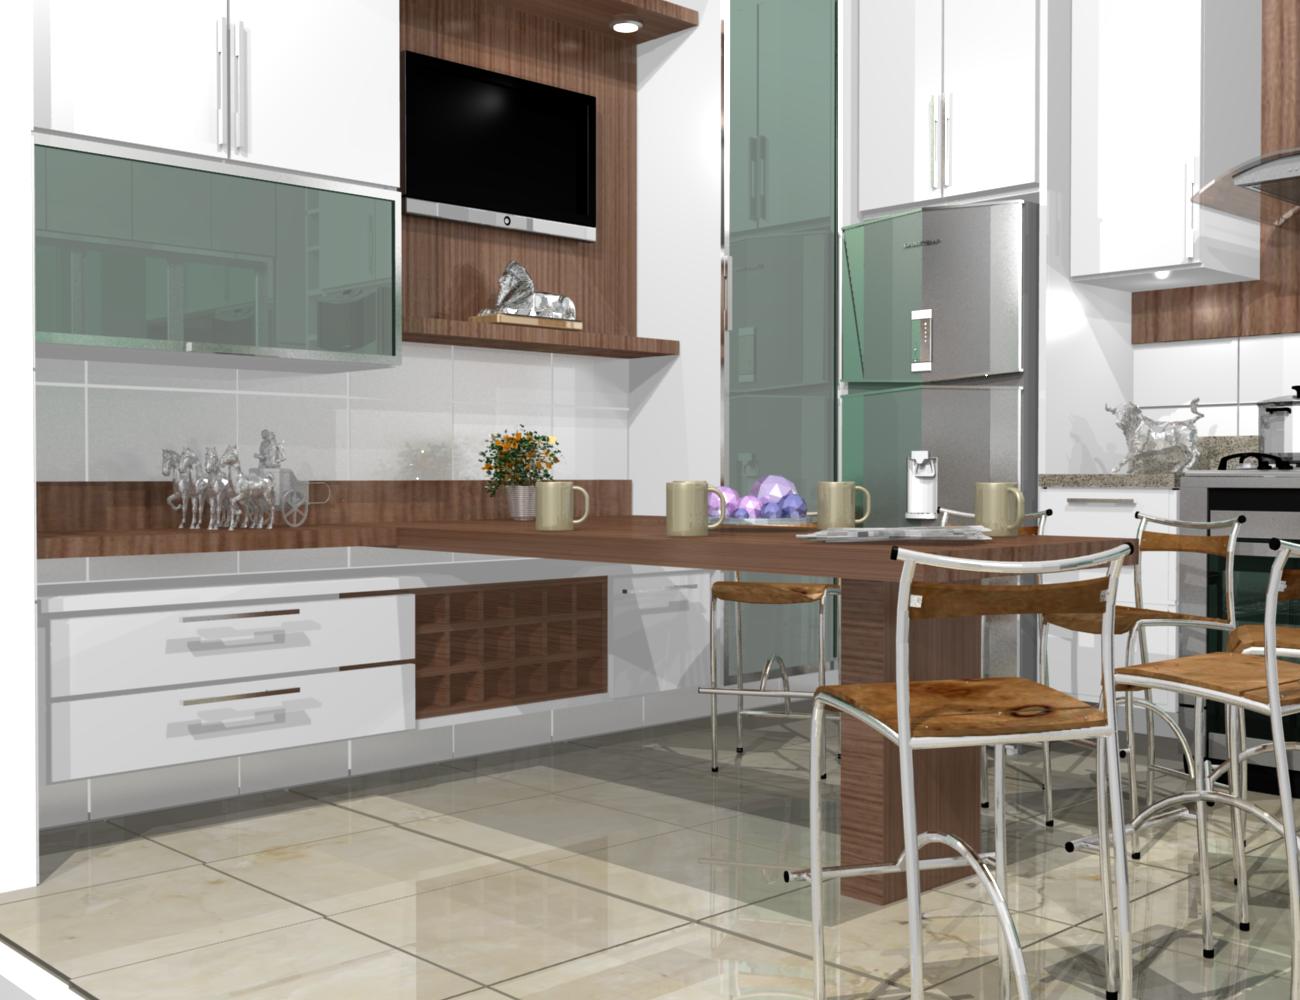 cozinhas planejadas simples bonita pequenas de luxo projeto branca #644A39 1300 1000